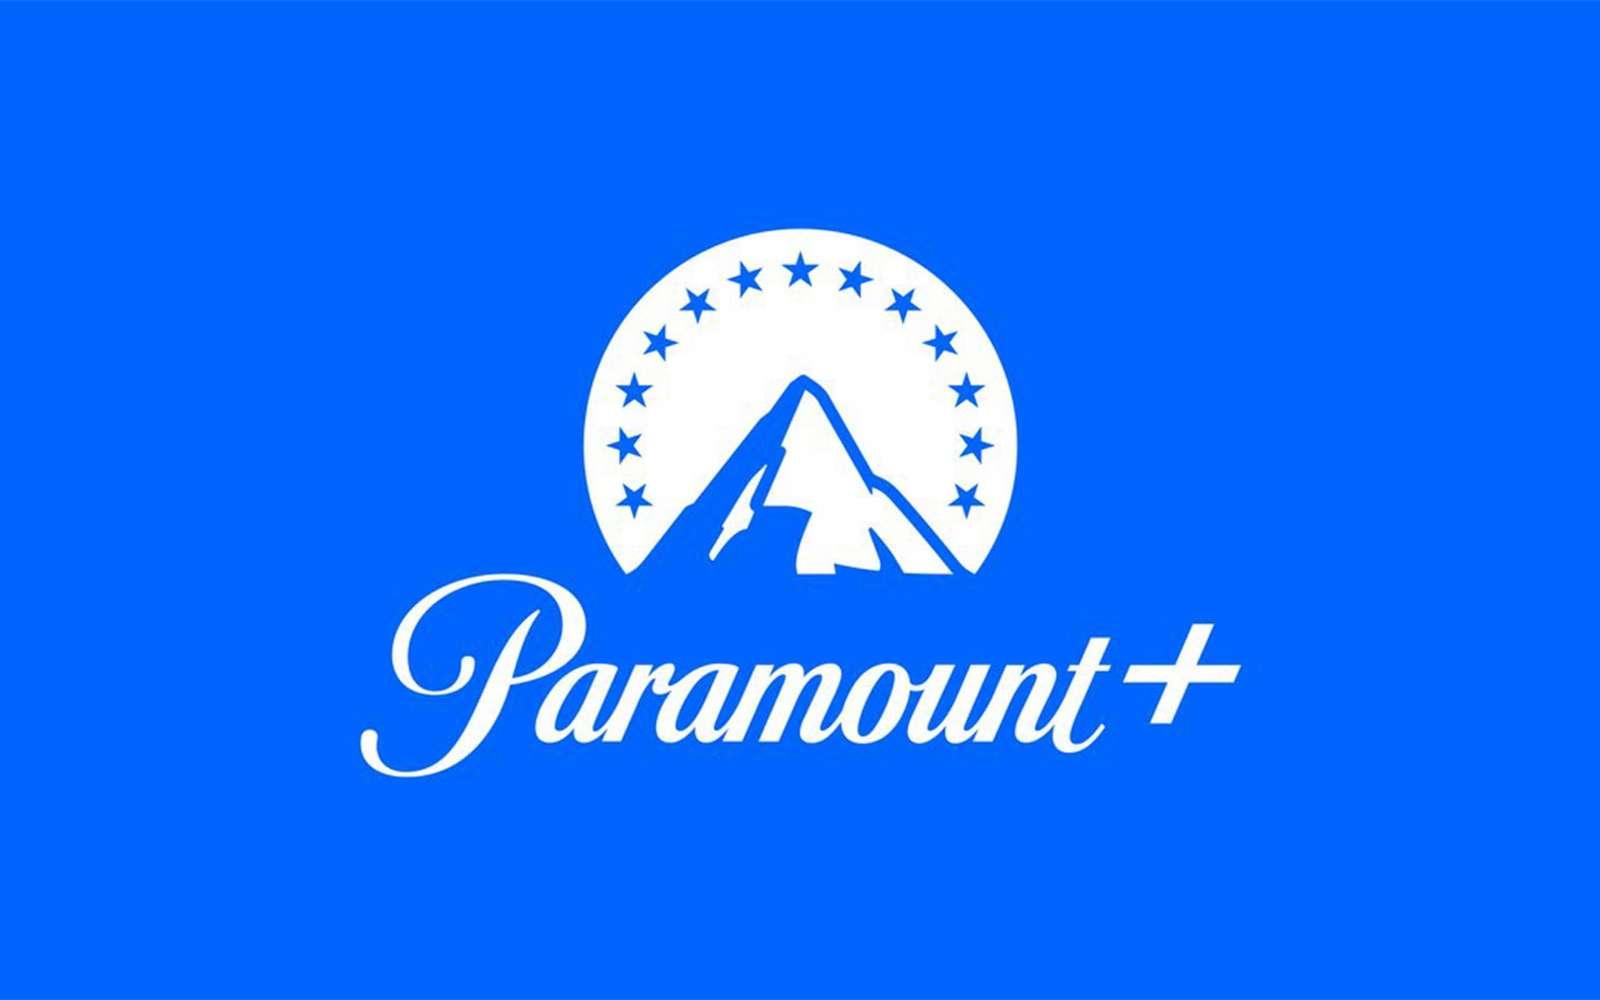 Le célèbre studio de cinéma va lancer son service de streaming vidéo en Europe, mais pas en France. © Paramount+